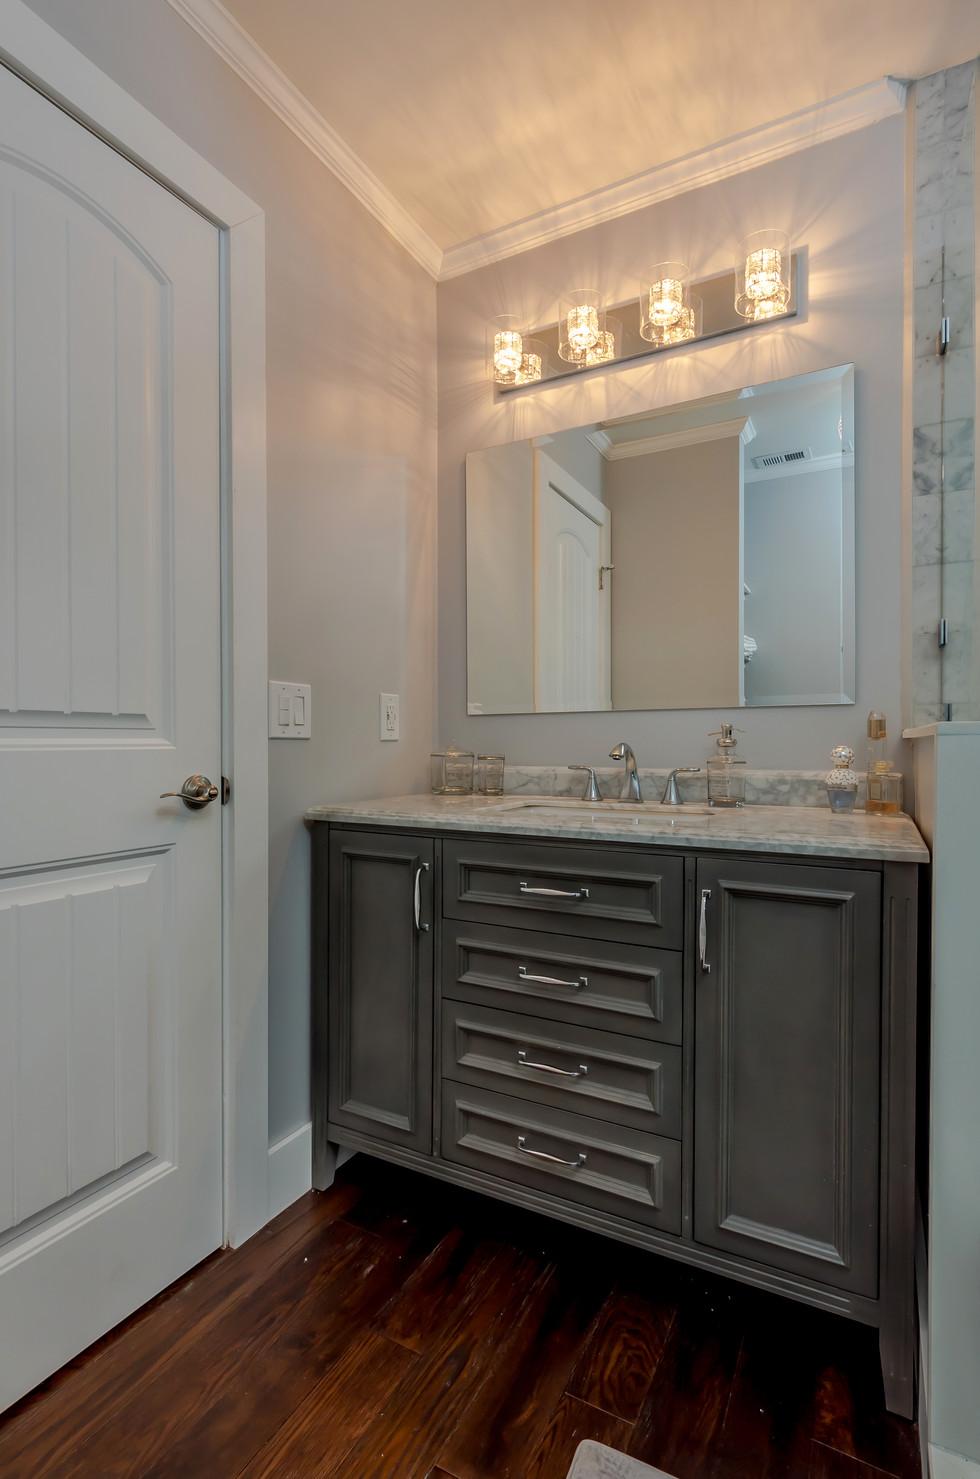 Bathroom Remodel Highlighted By a Gray Wood Vanity with Marble Countertop, Elegant Vanity Mirror & Bright LED Vanity Lighting